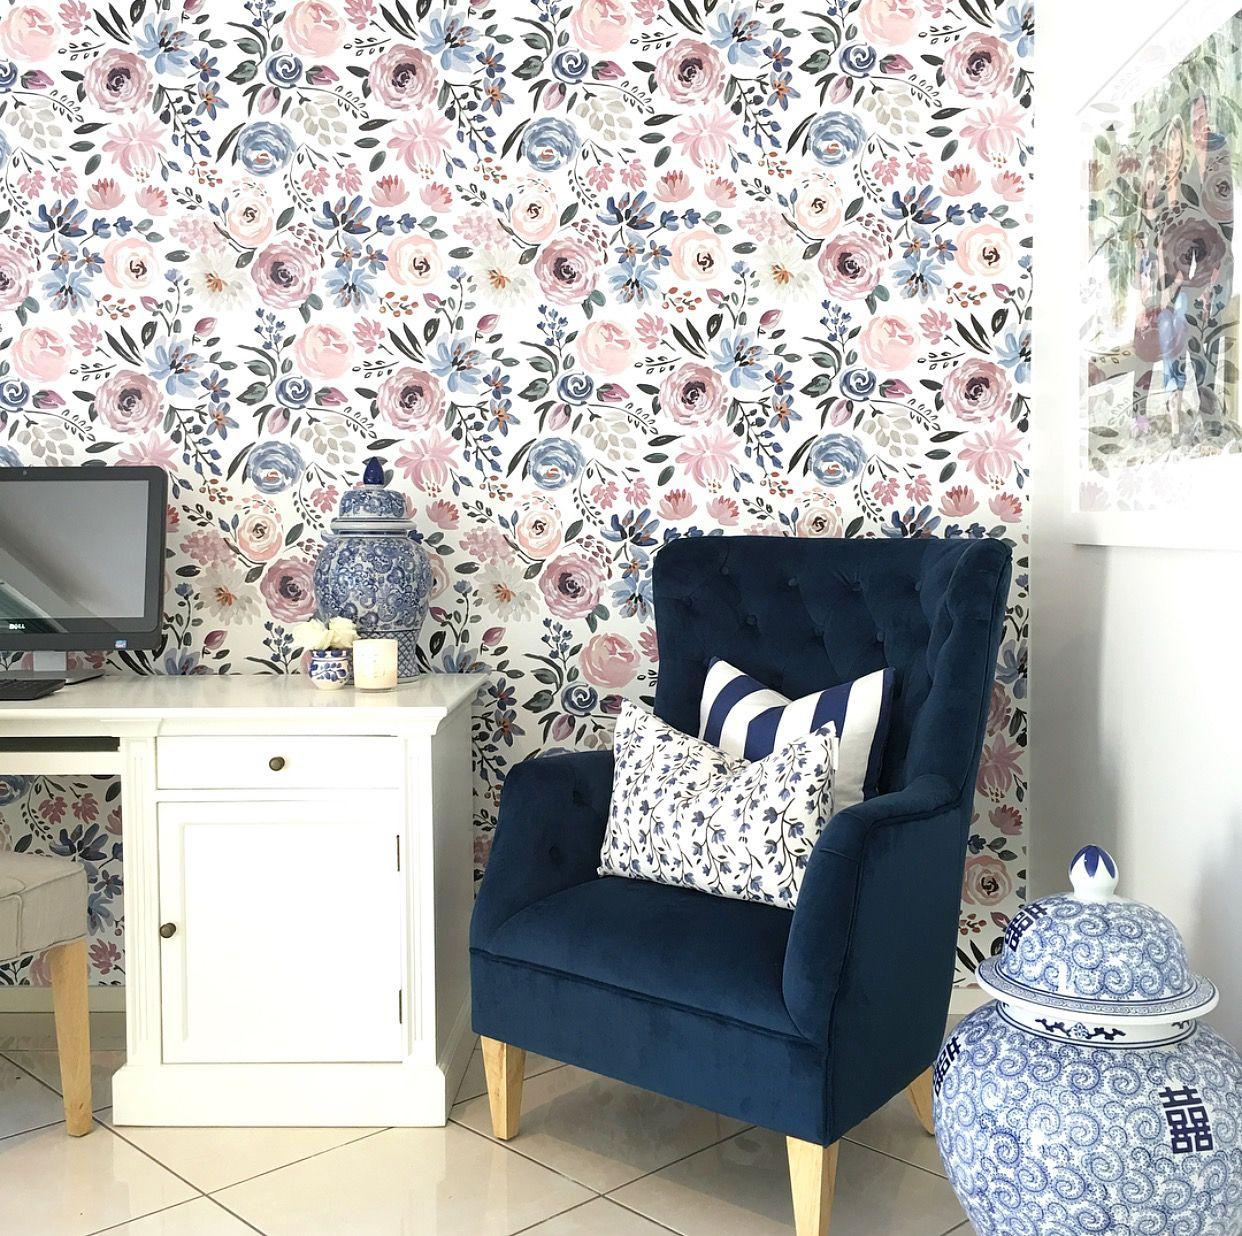 English Garden wallpaper by Caitlin Wilson Design. Perfect